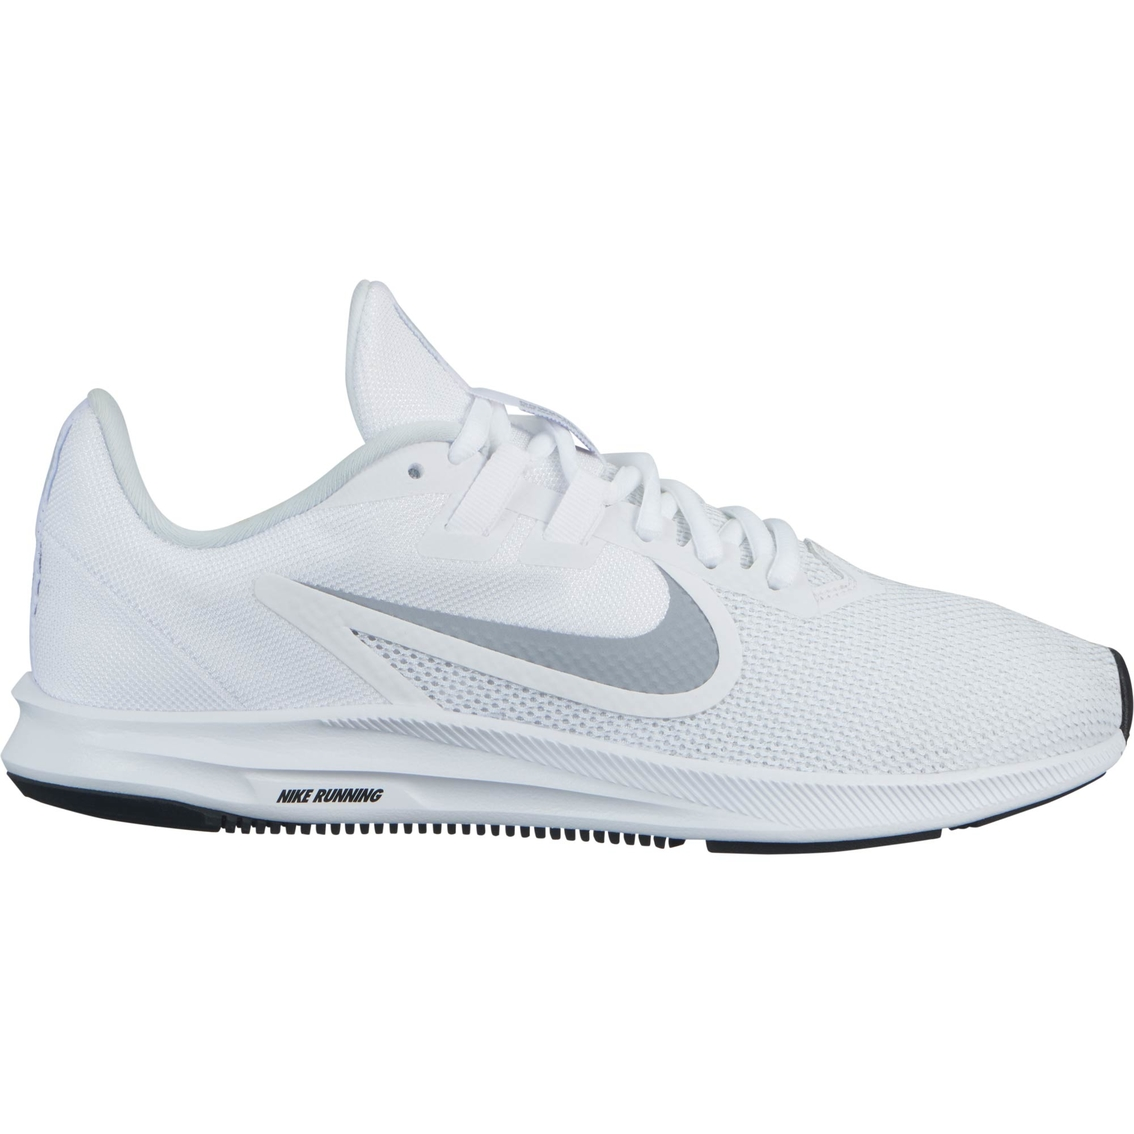 425029e65200d Nike Women's Downshifter 9 Running Shoes | Running | Shoes | Shop ...